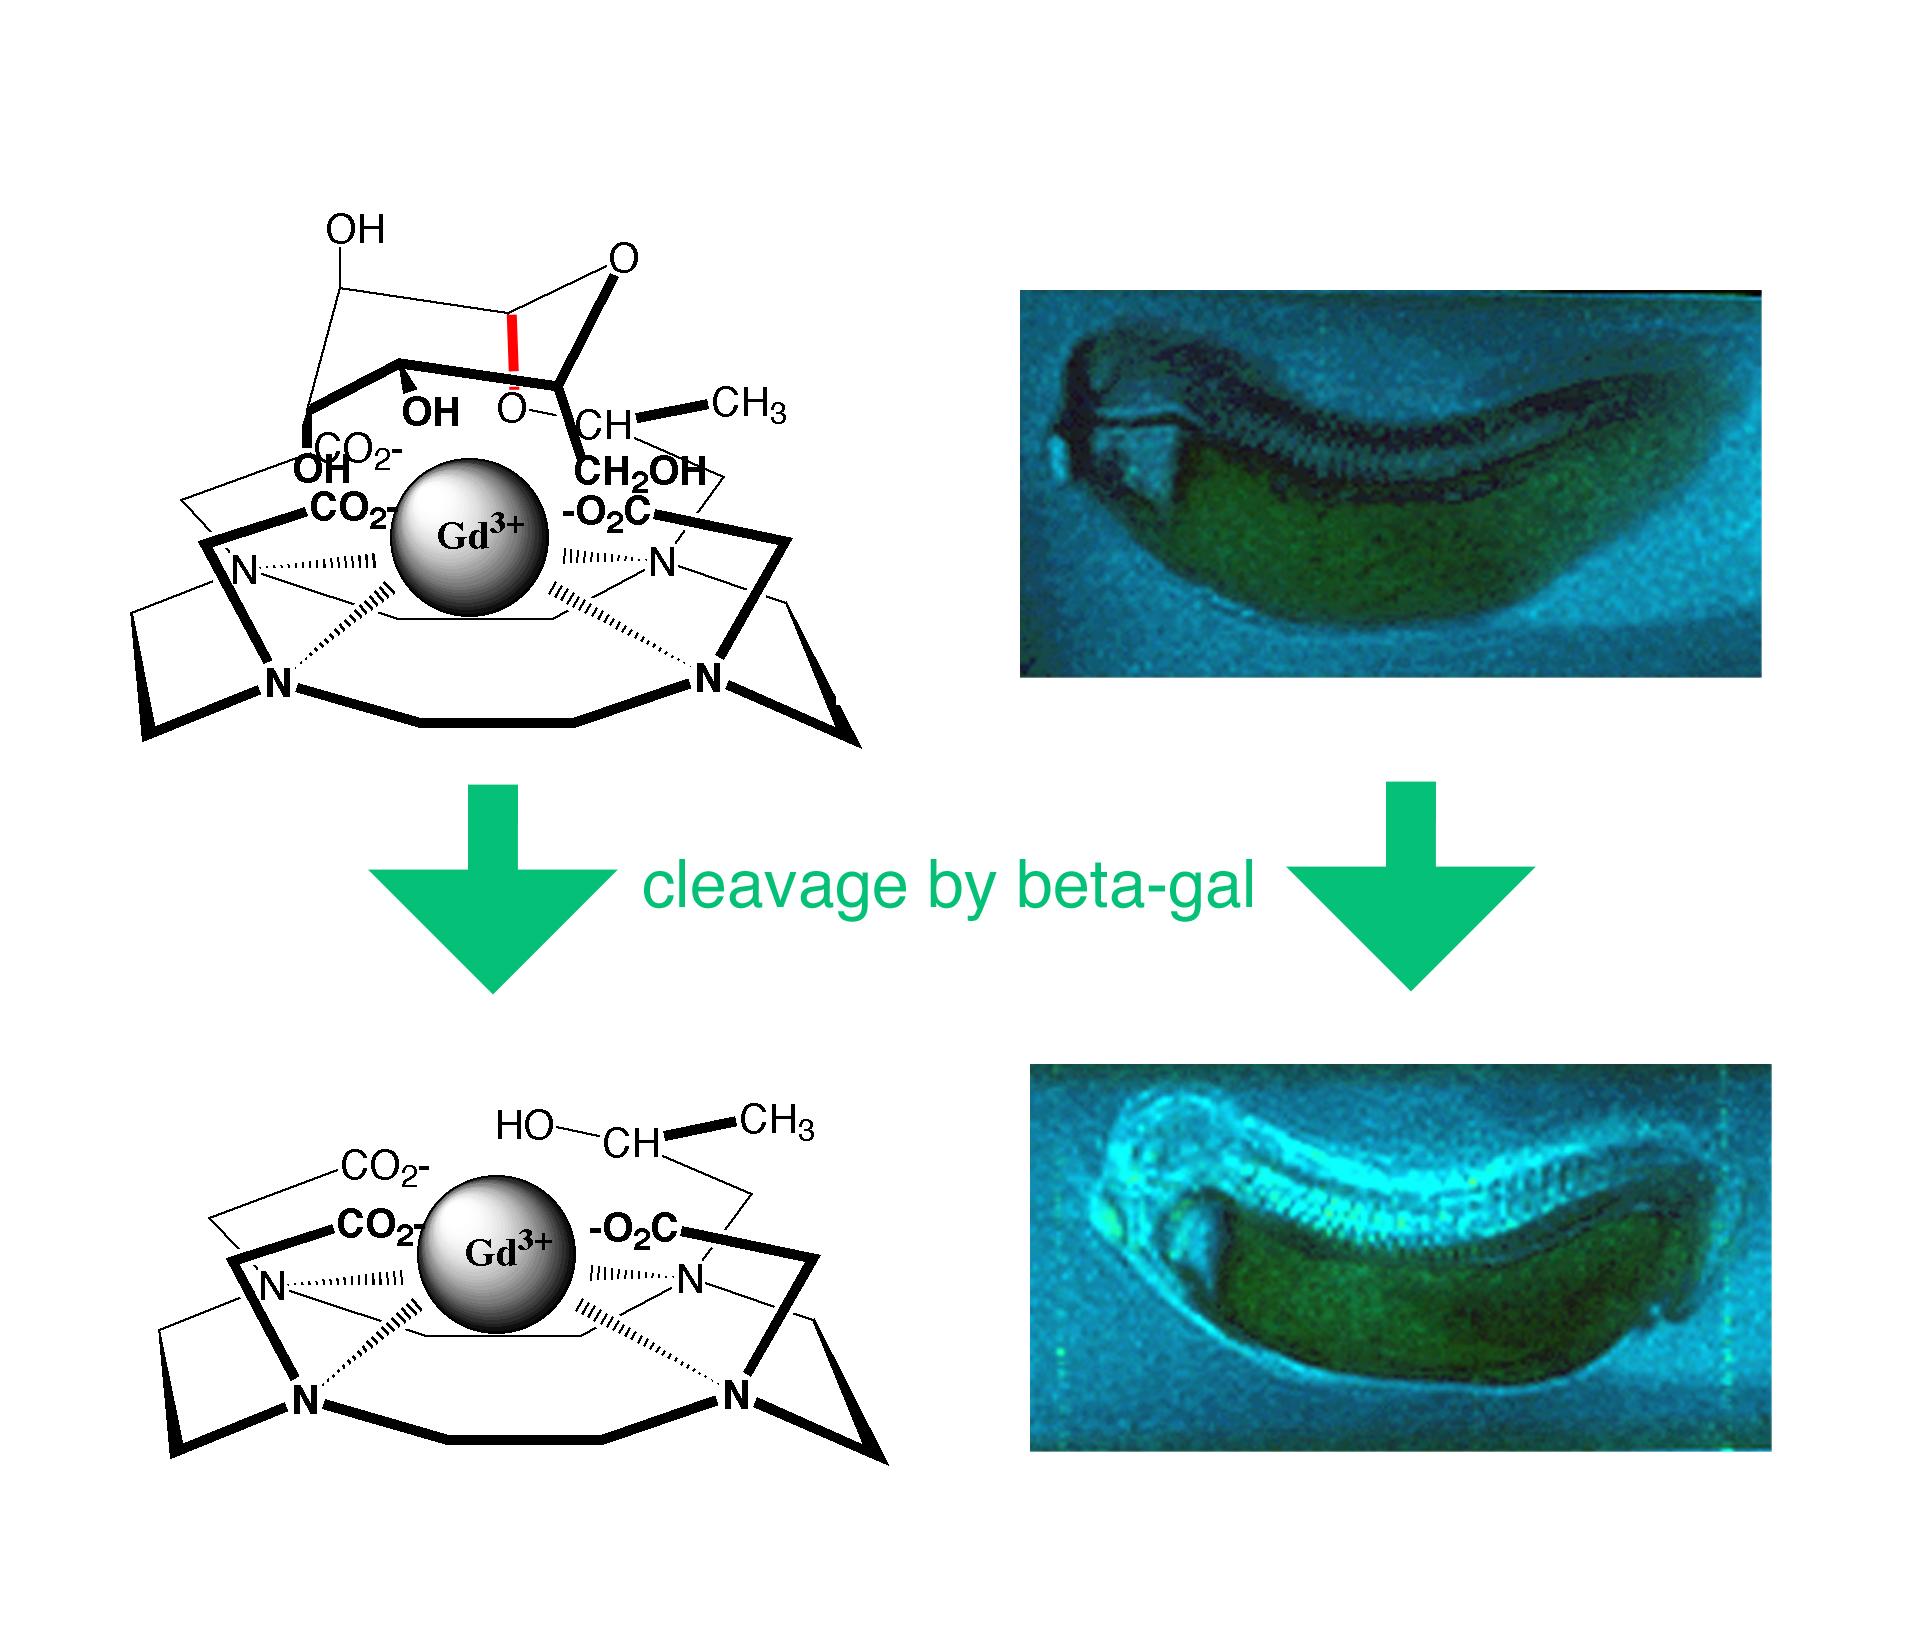 La MRI detecta la señal brillante de un nuevo agente de contraste inyectado en un renacuajo que se activa con la enzima ß-galactosidasa. Usando agentes de contraste bioactivados, los investigadores pueden rastrear la expresión genética en organismos vivos. Cortesía de Thomas Meade, Universidad de Northwestern.